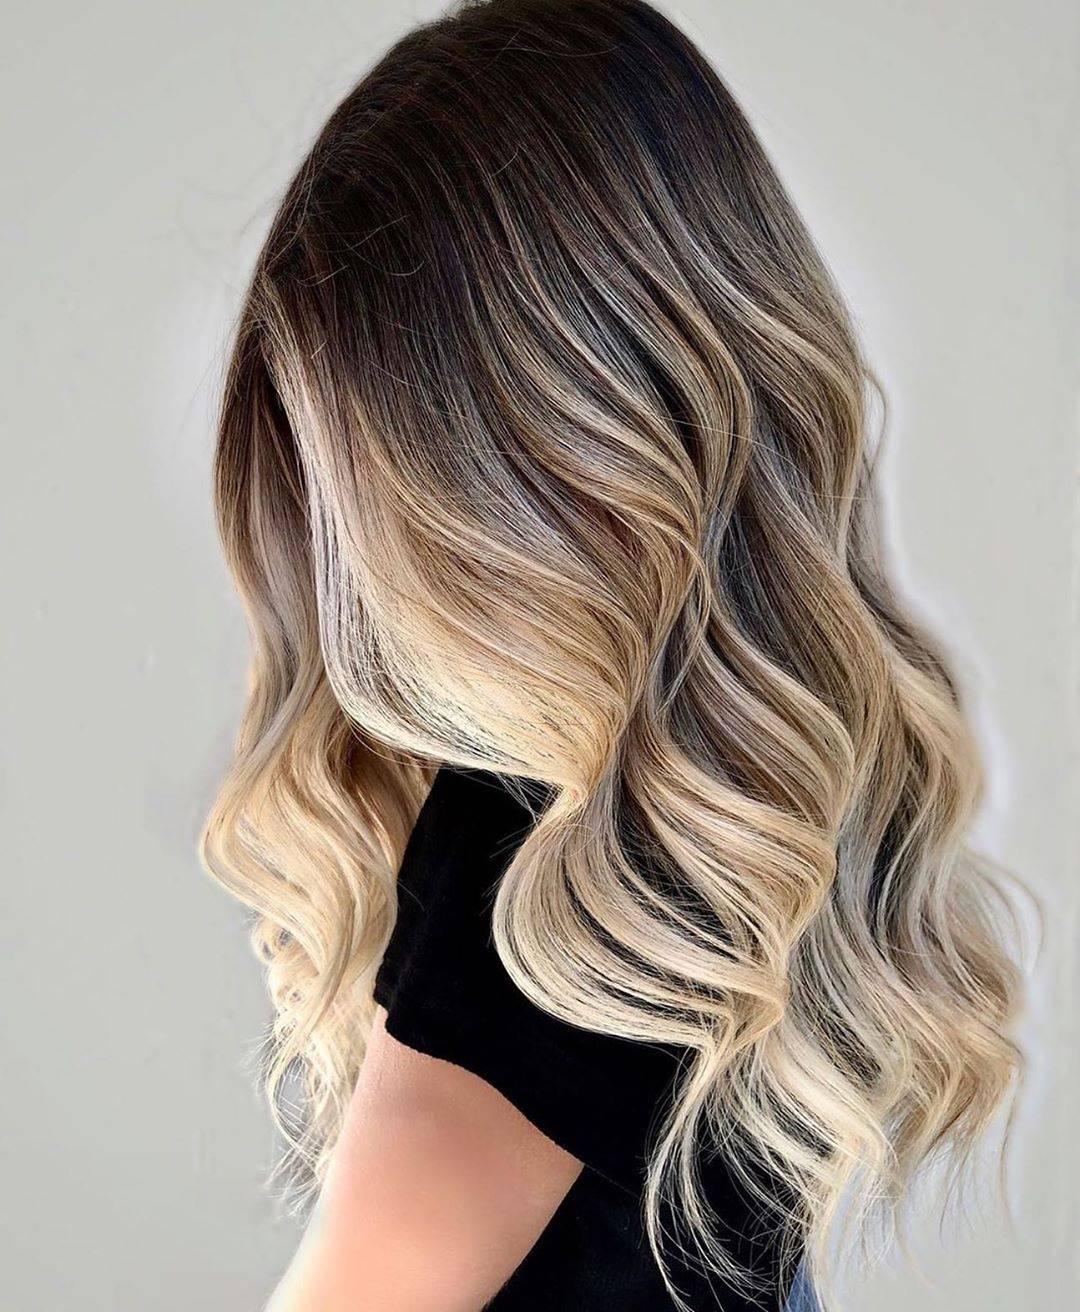 ¡Adiós Balayage! El Foilyage es la nueva tendencia para teñir tu cabello.